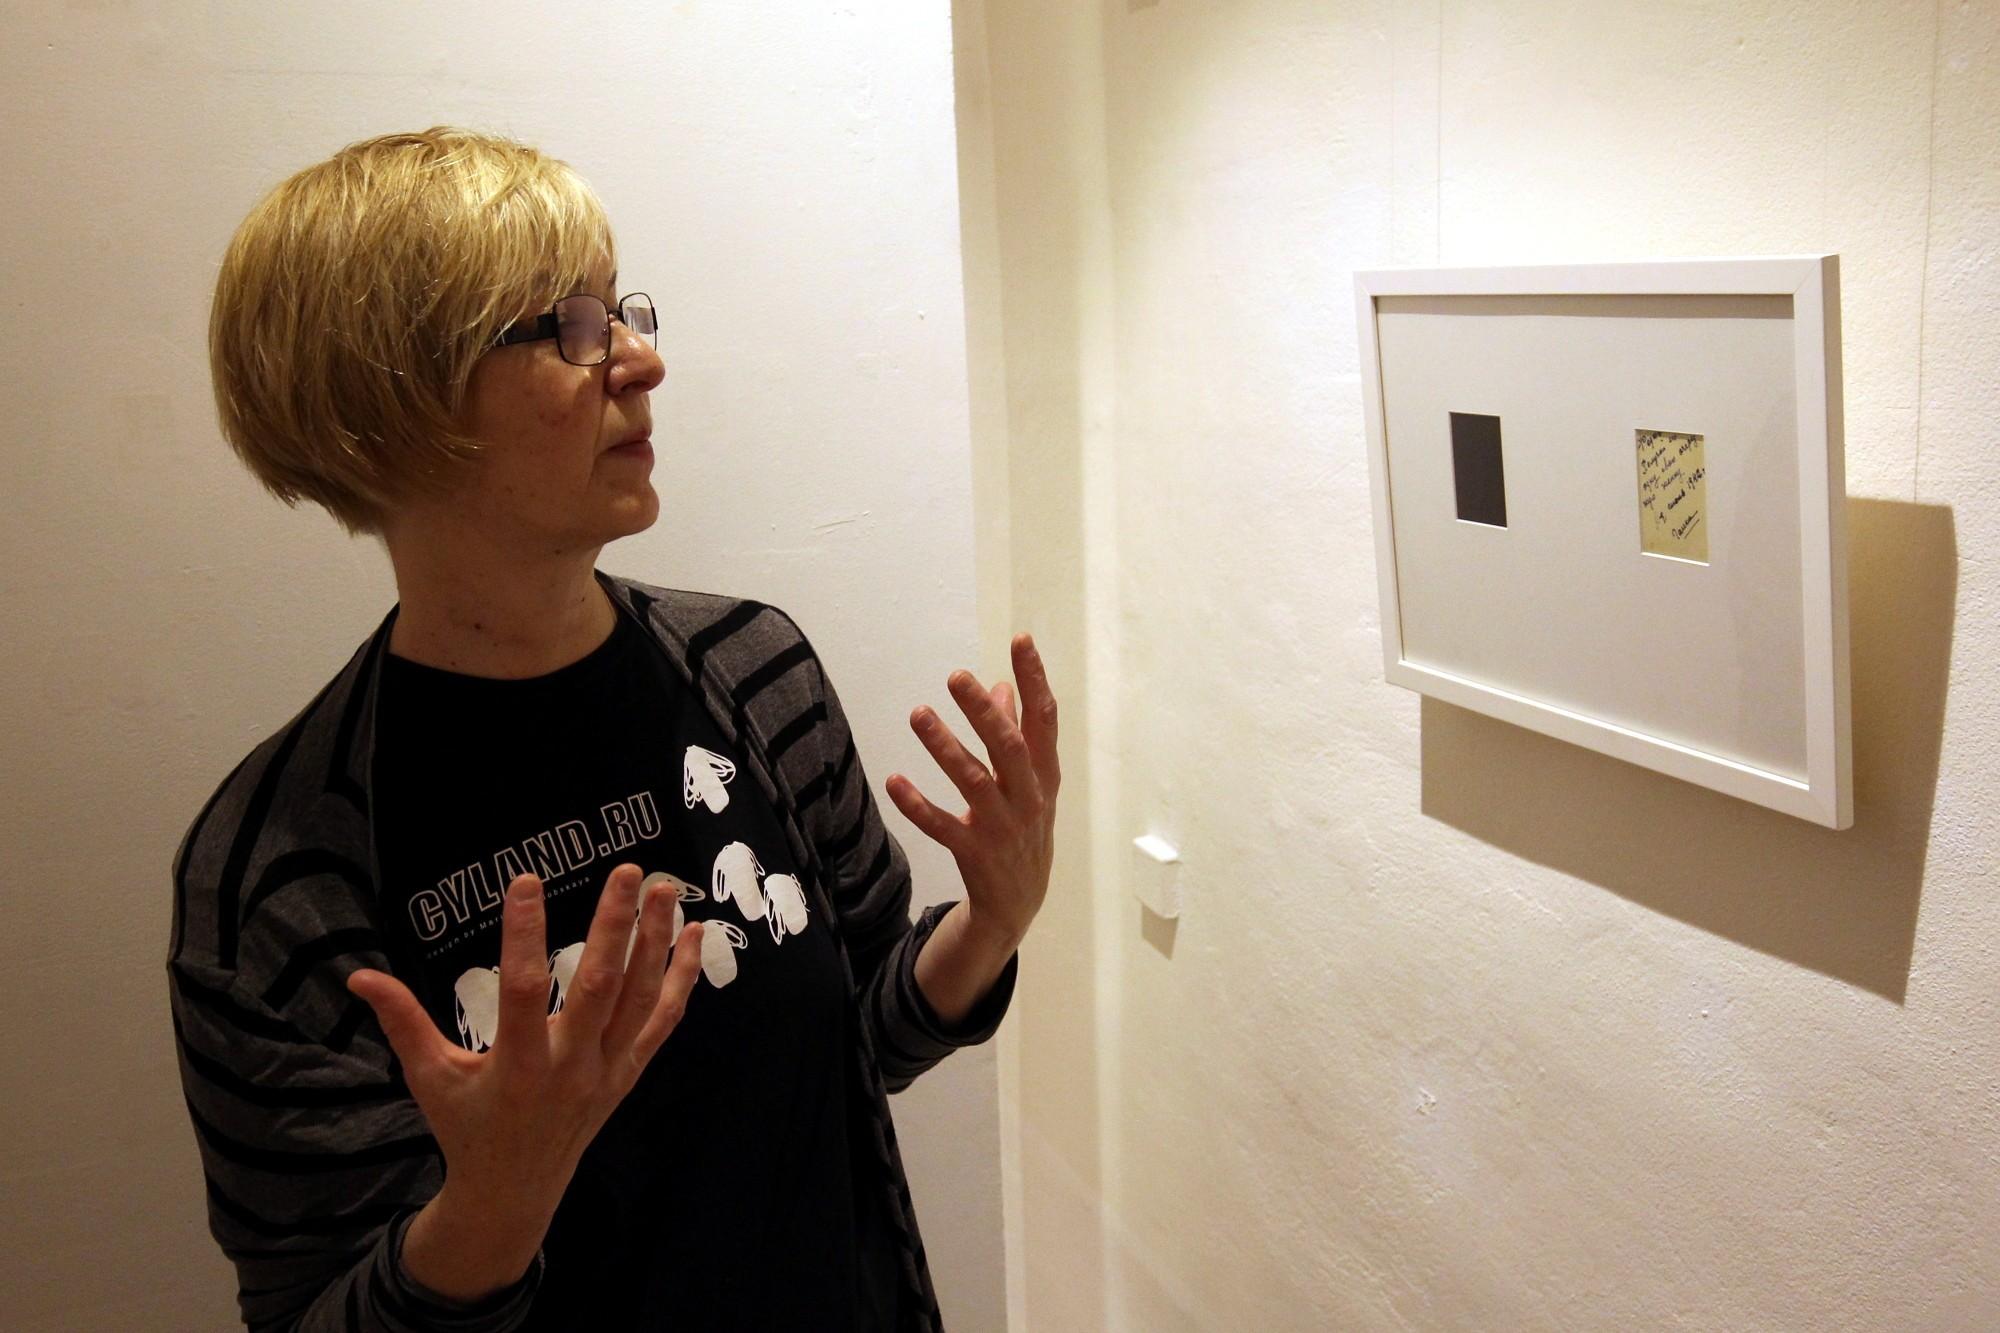 инсталляция максим шер запрет на образ выставка тихие голоса